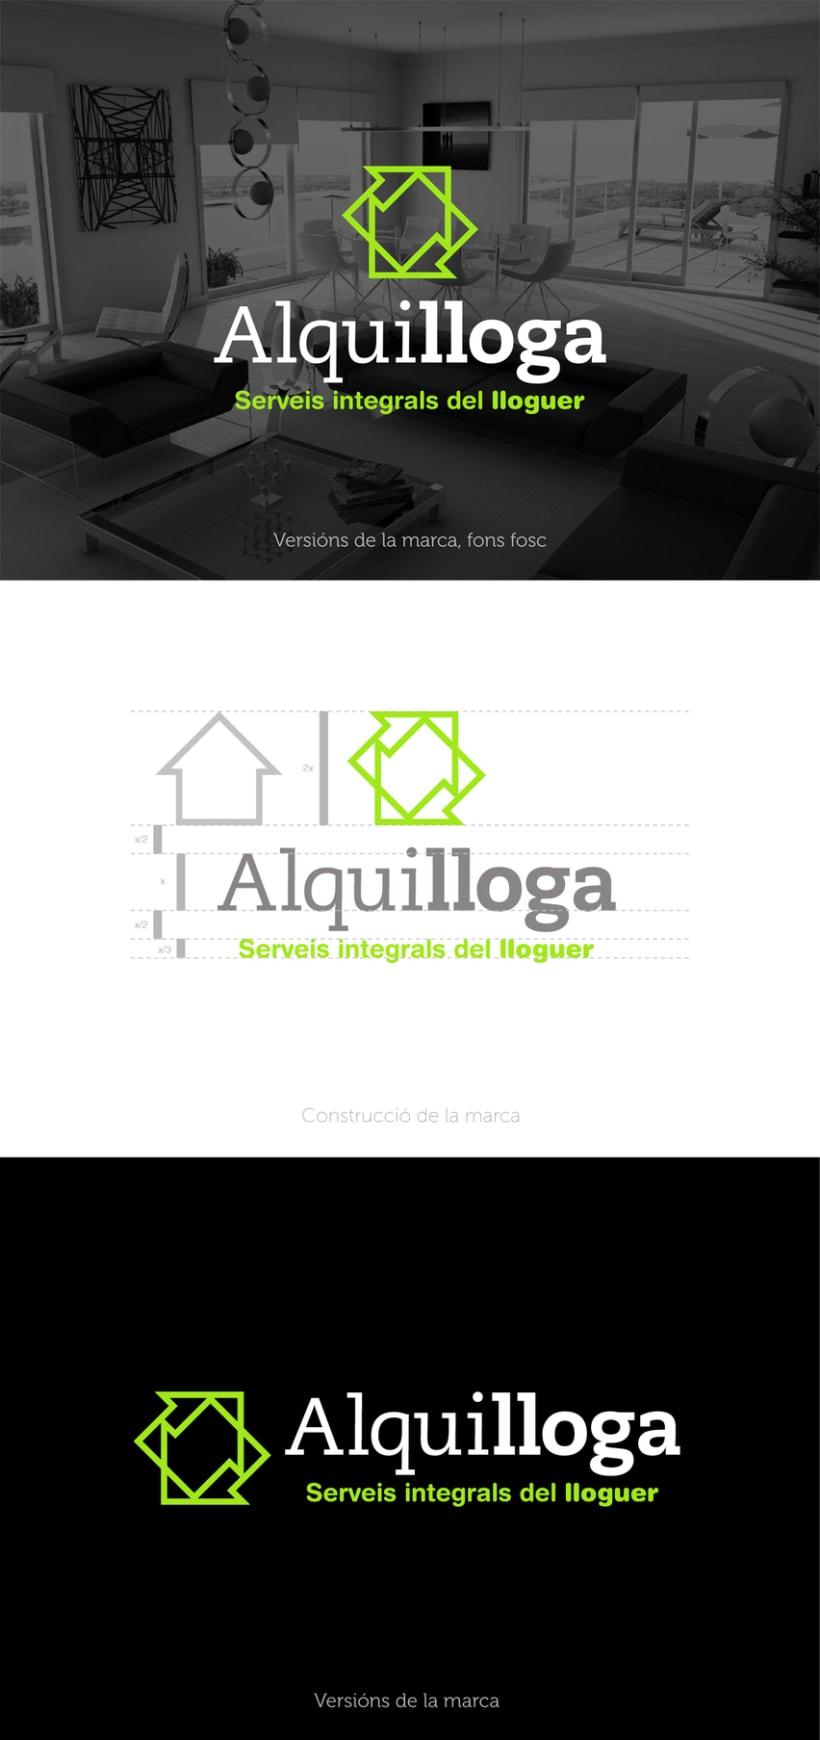 """Identidad corporativa """"Alquilloga"""" 1"""